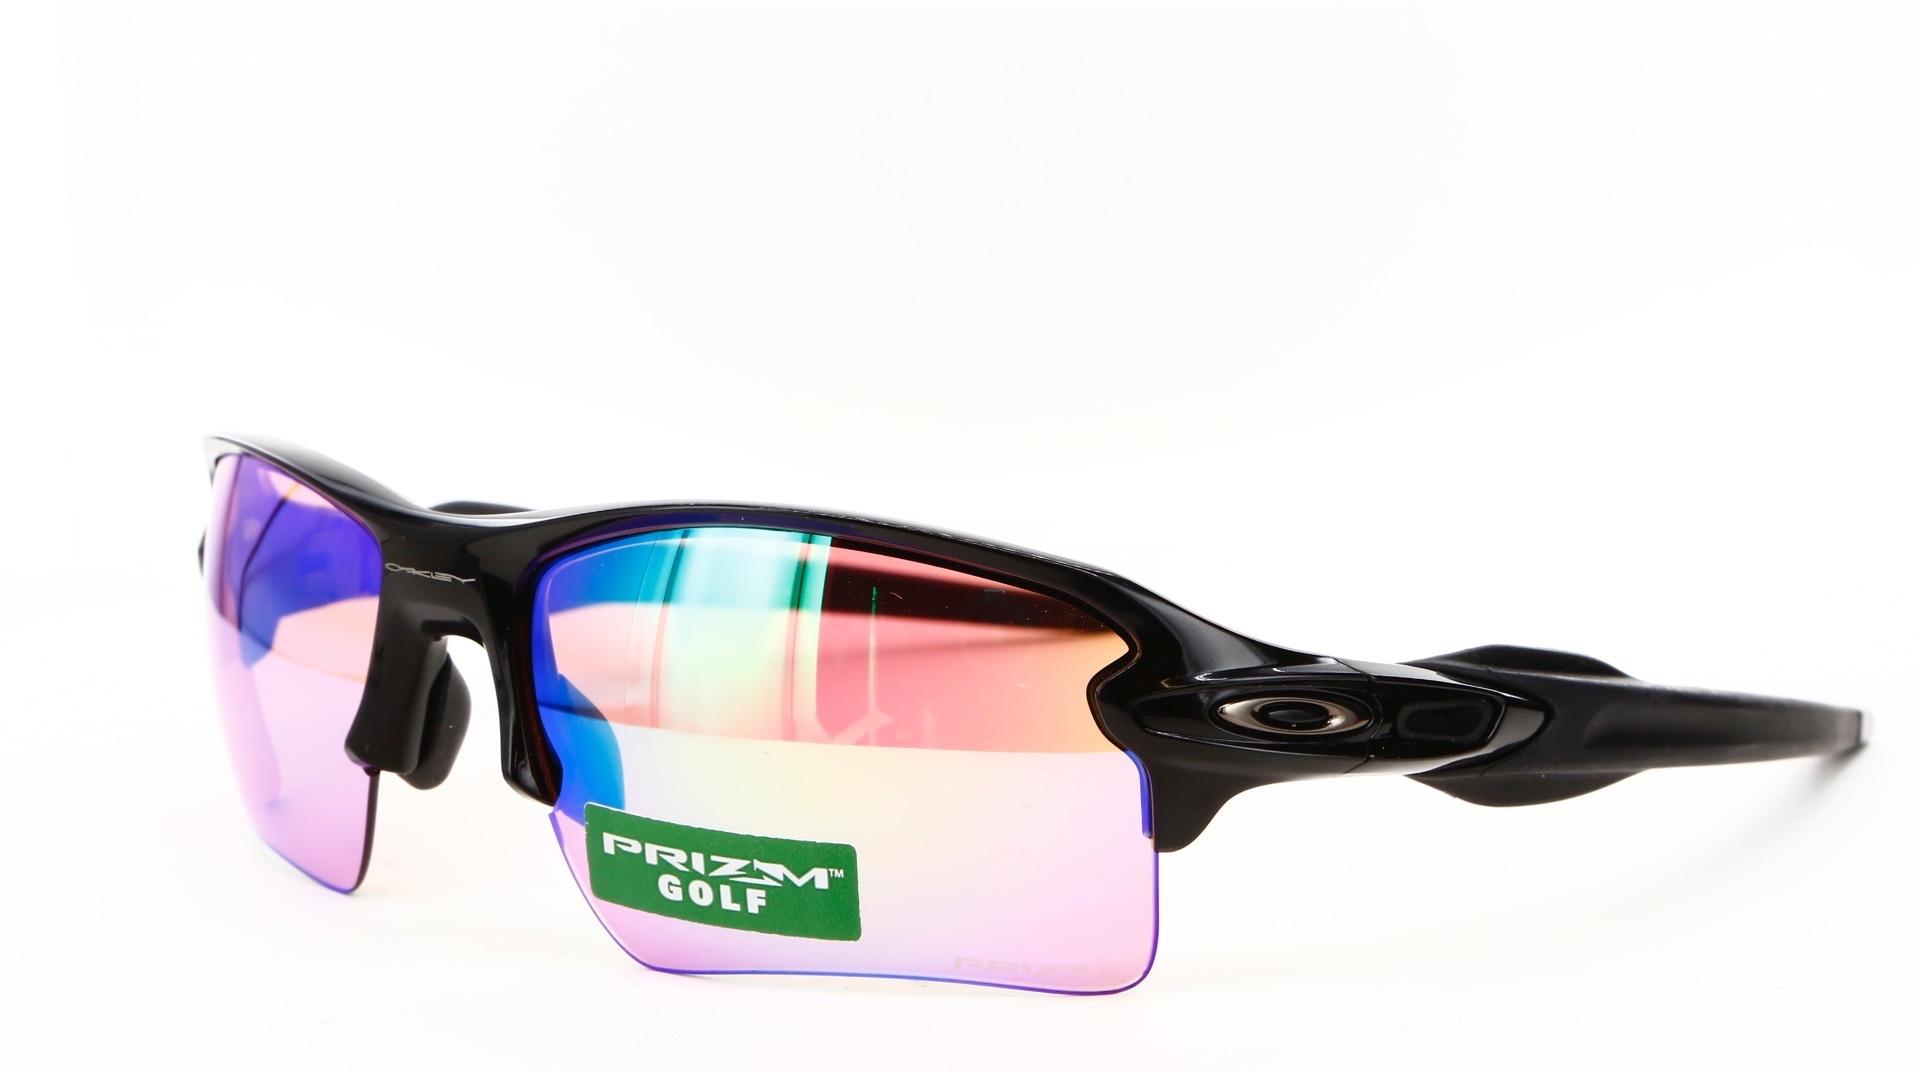 Oakley - ref: 74071